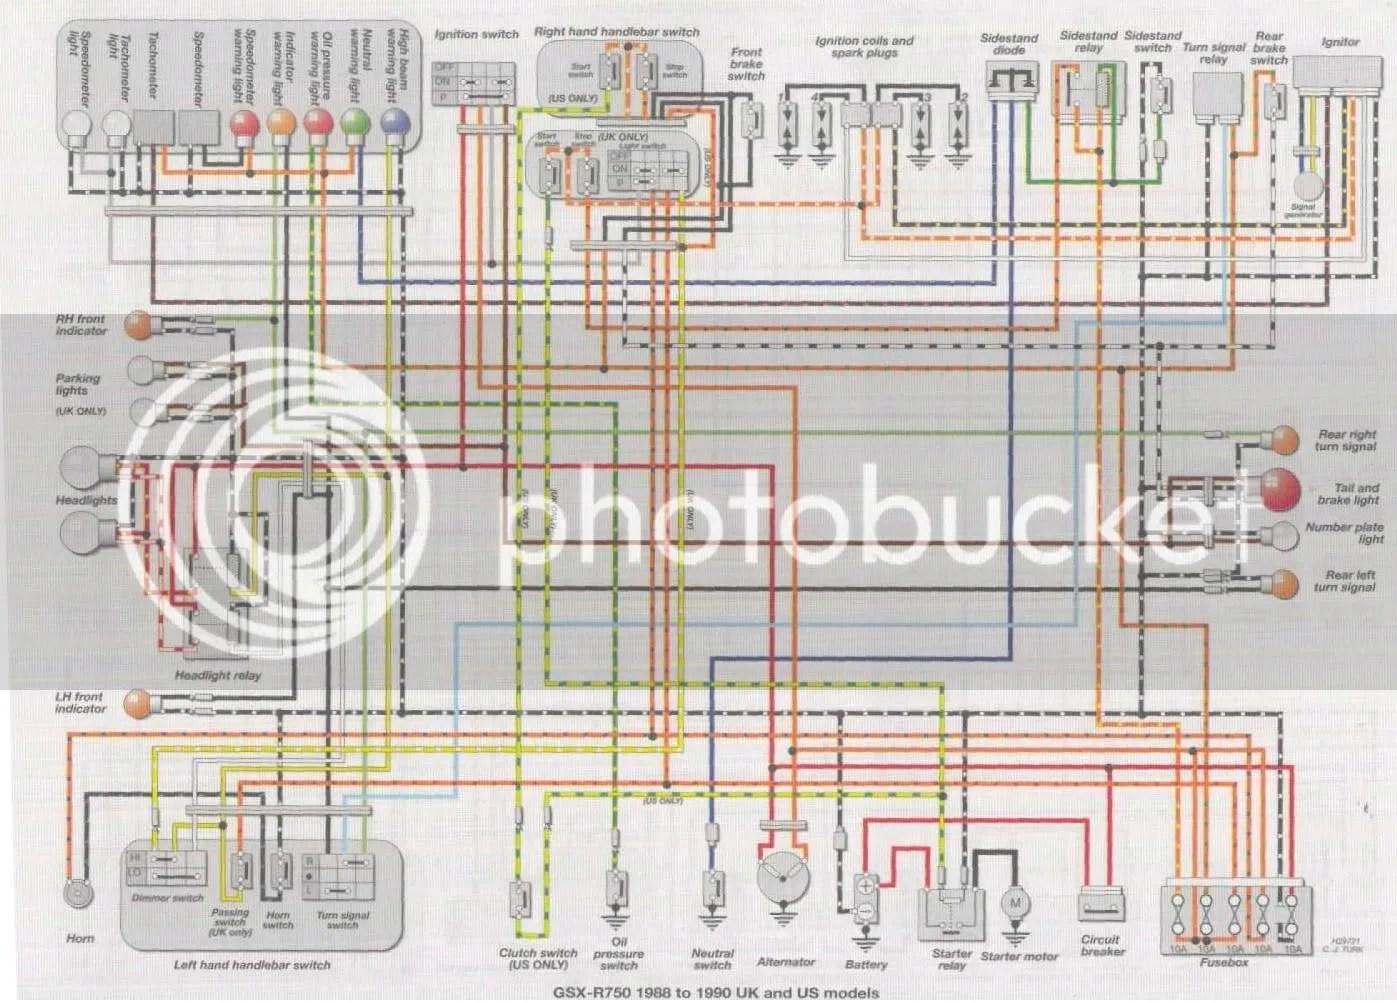 2002 suzuki gsxr 750 wiring diagram liver pancreas gallbladder wire schematic library 1000 diagrams k4